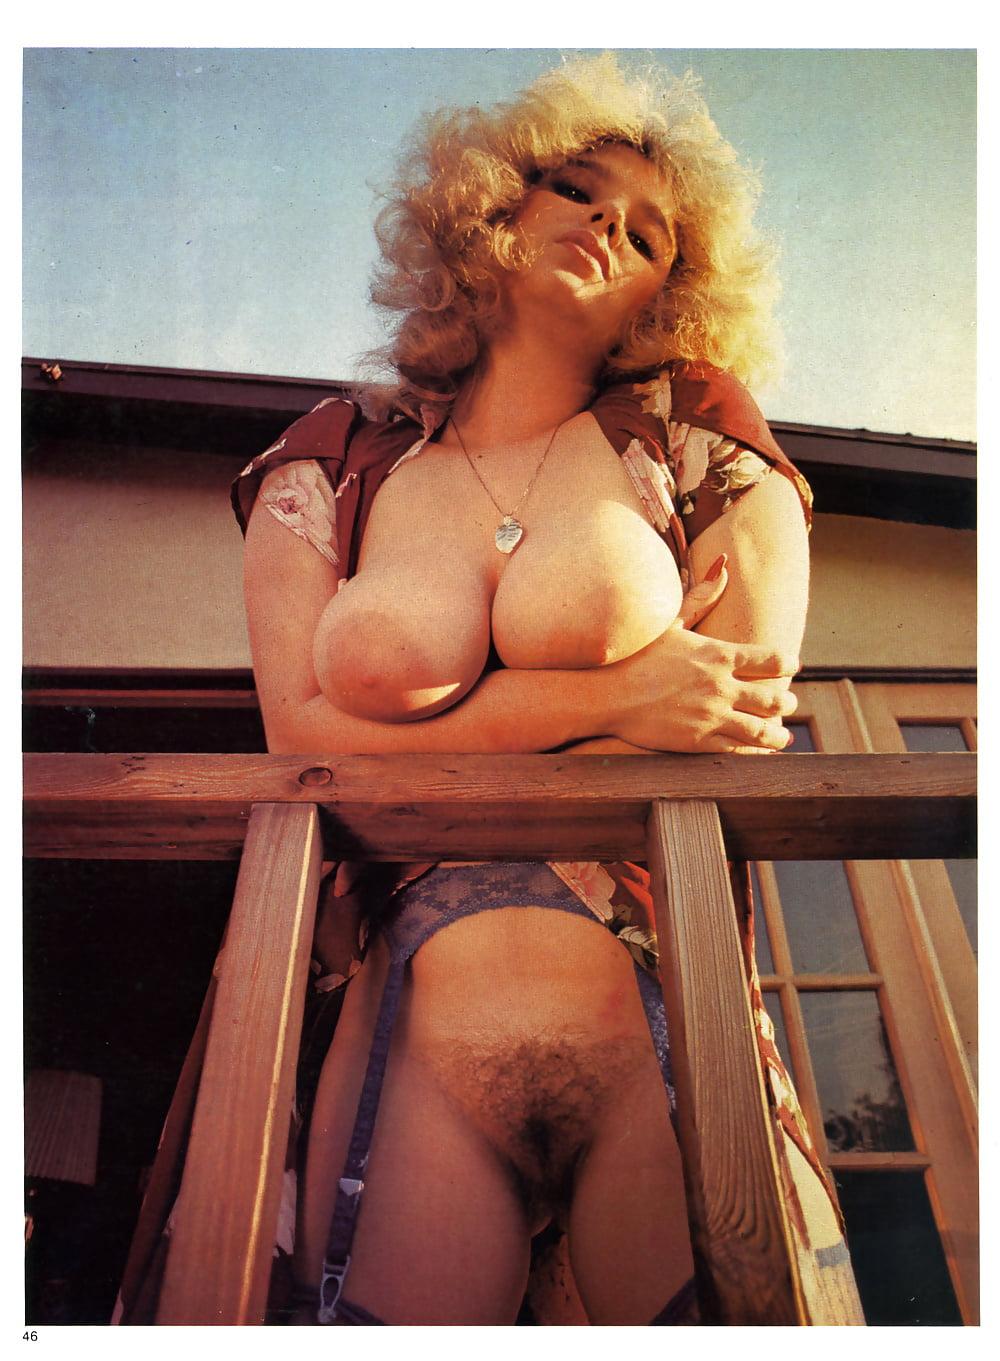 Milf pornstar daria glover past een immense haan in haar harige kut in nieuw geslacht foto